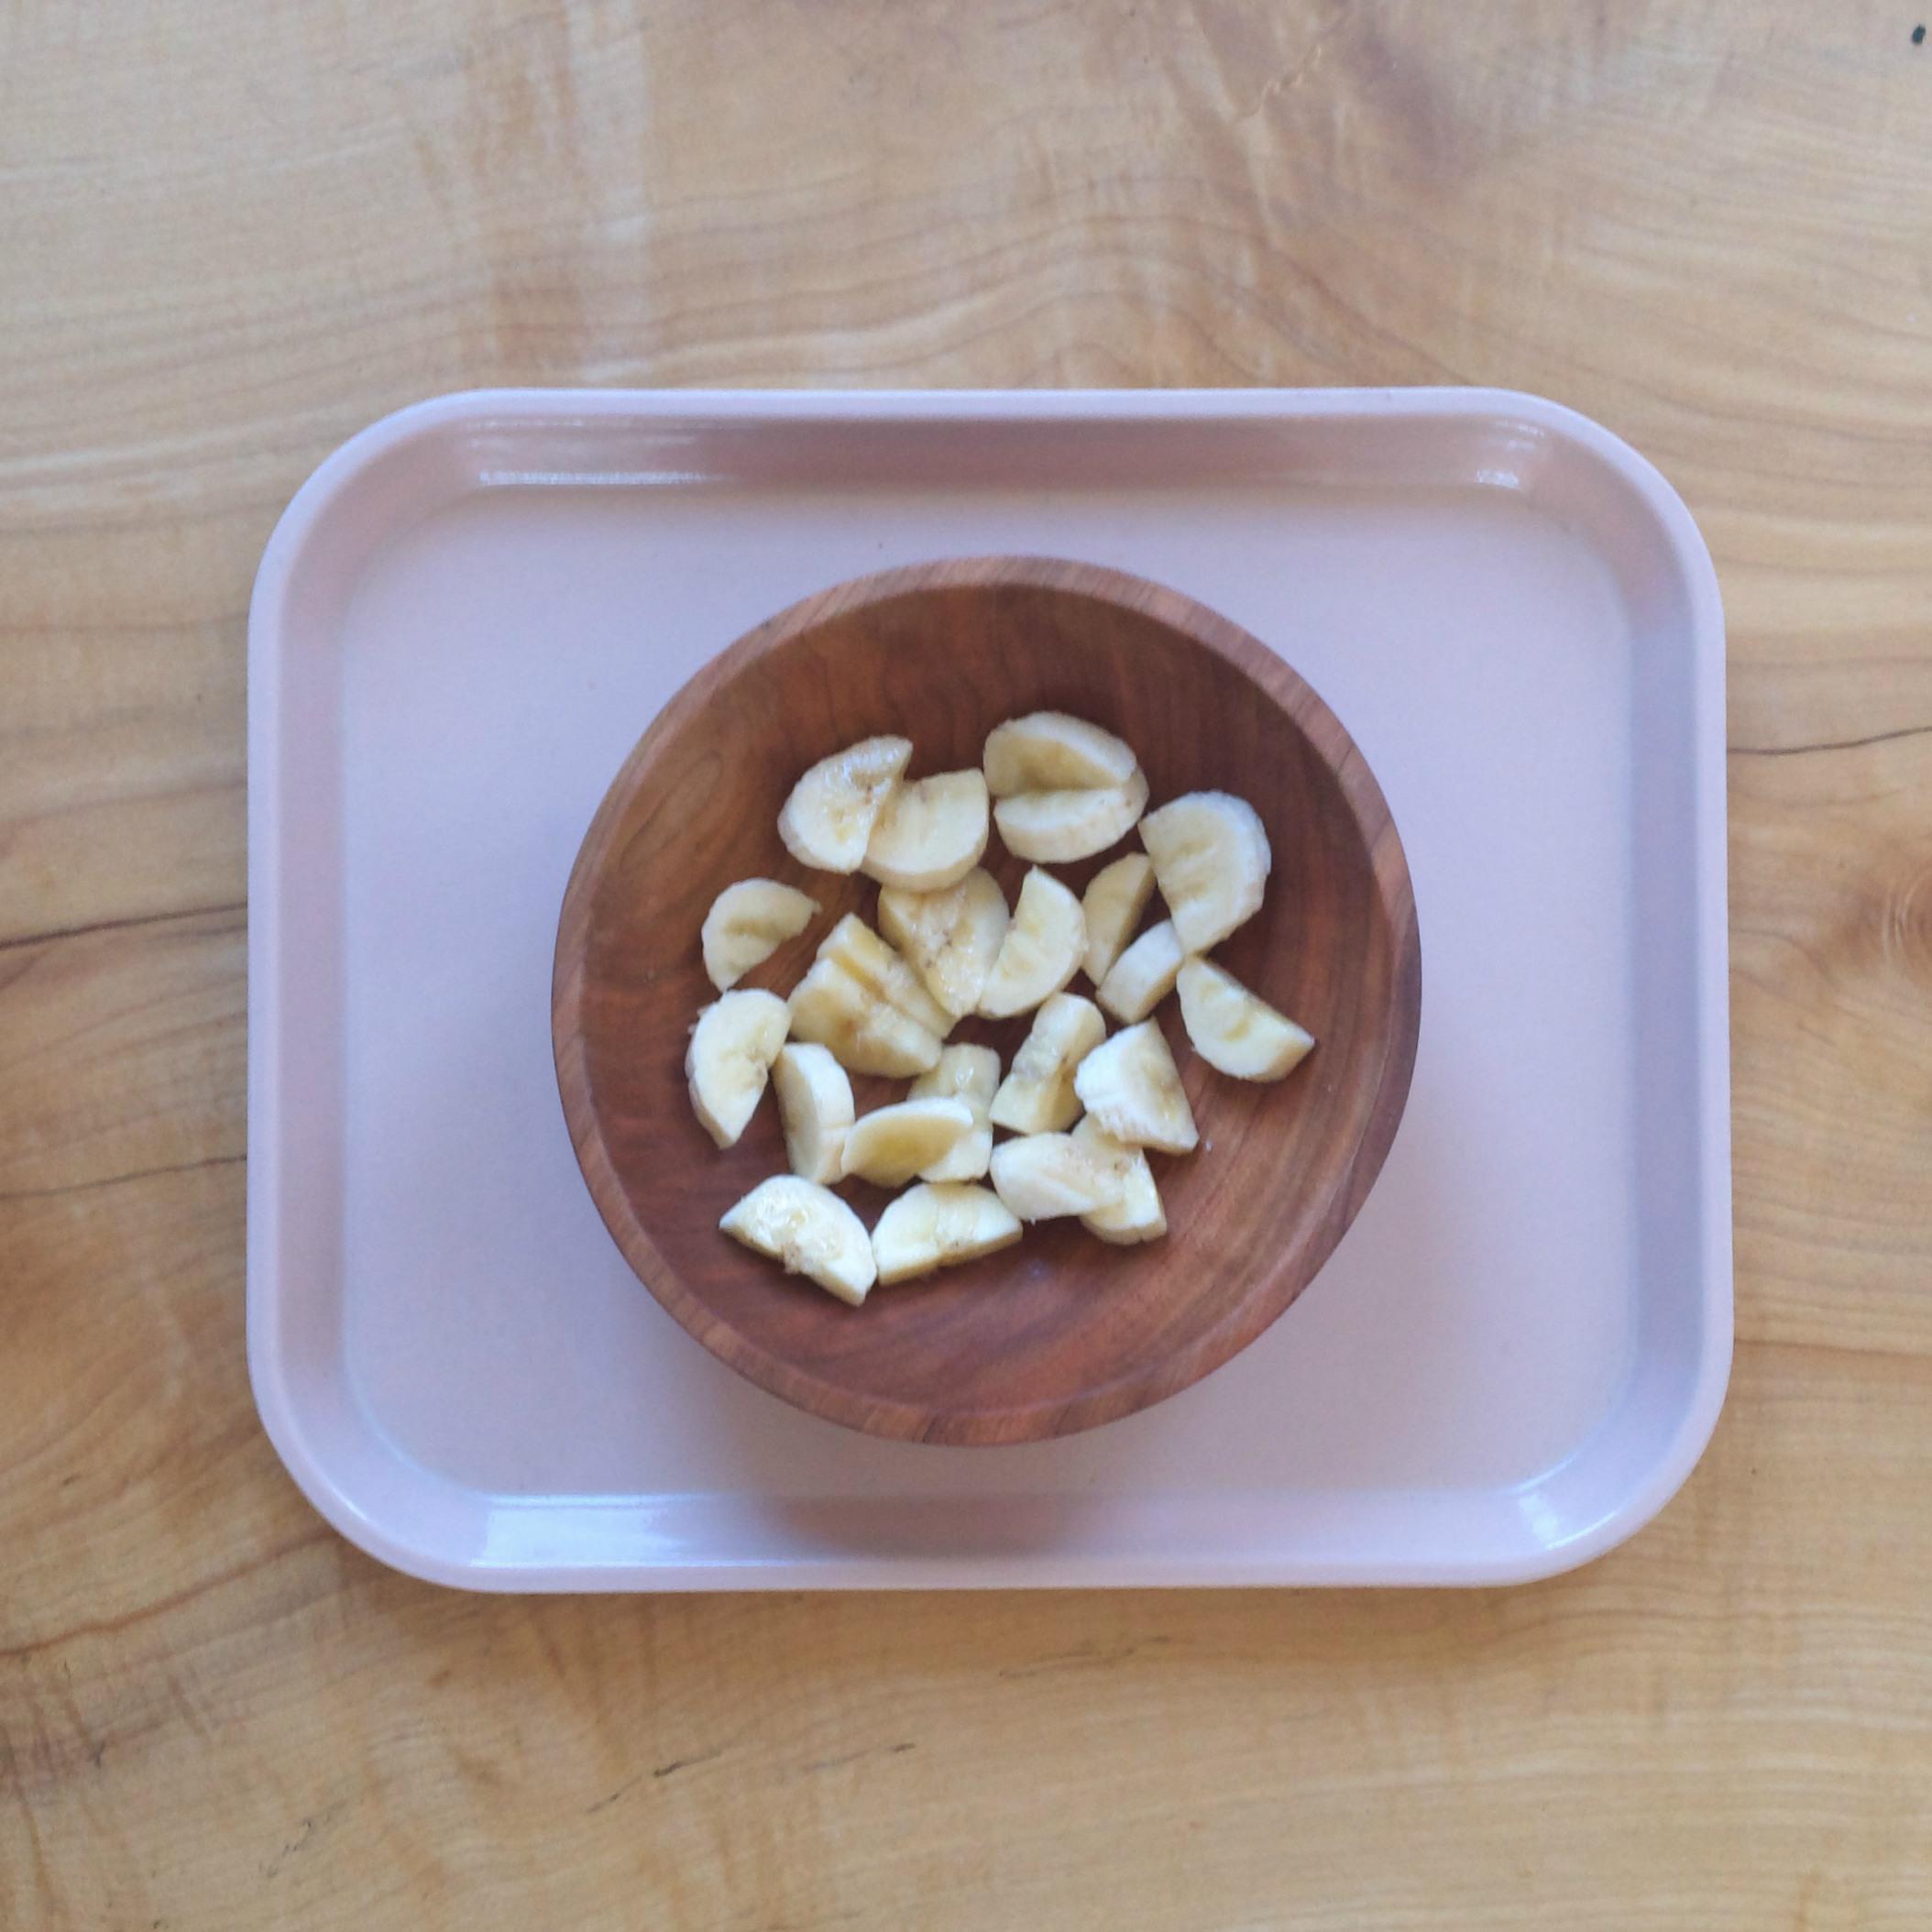 Cut Banana